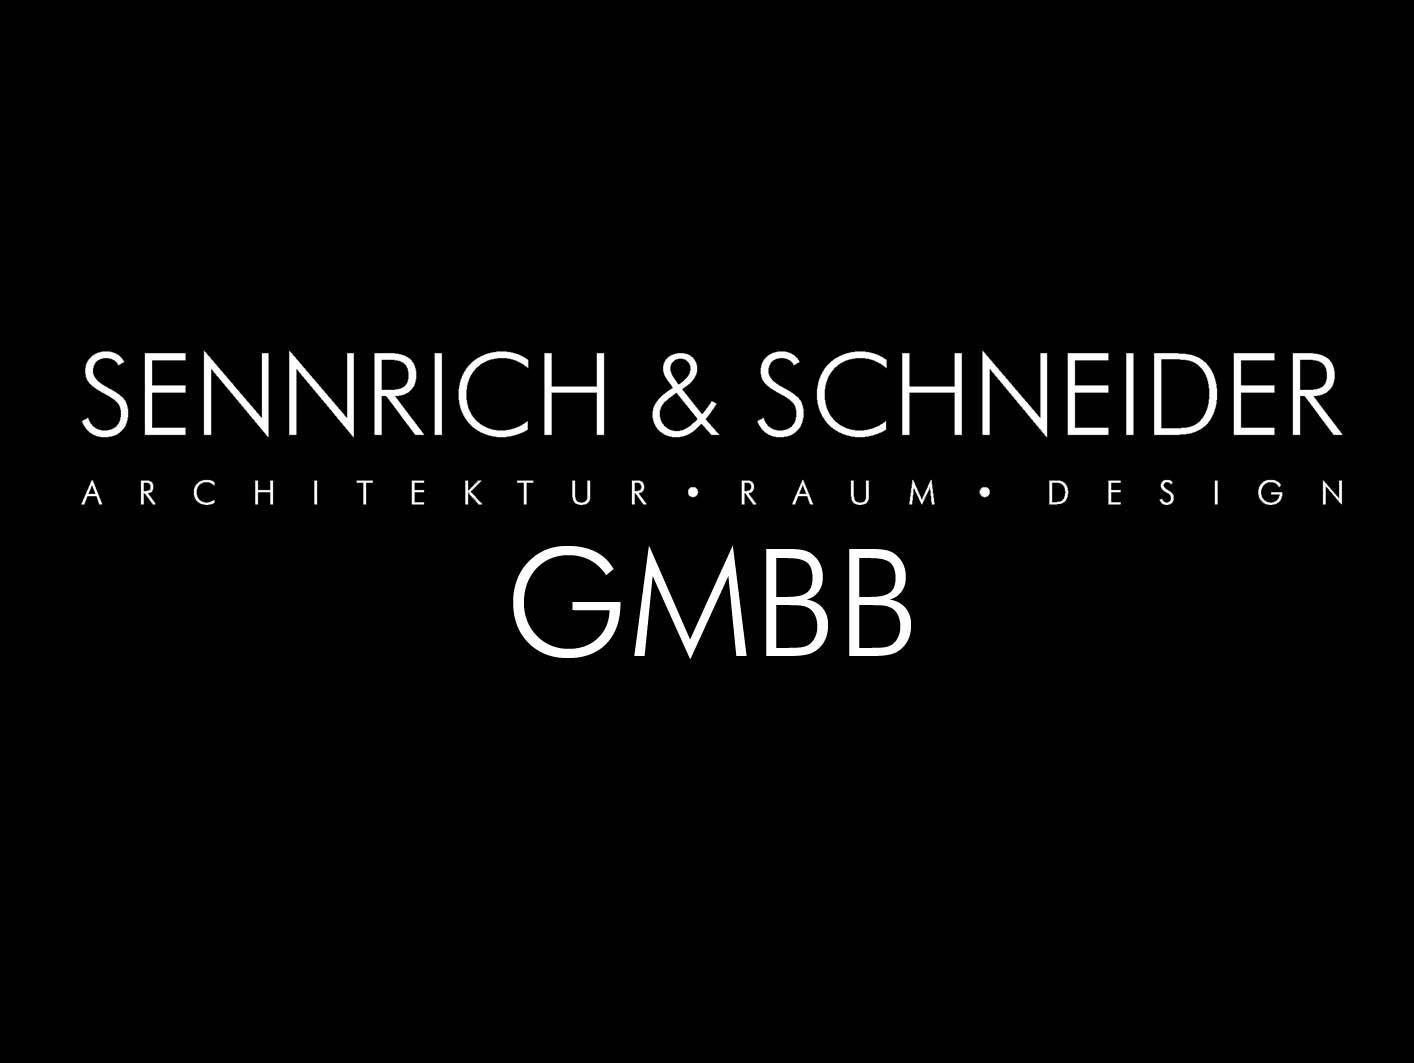 nderung der unternehmensform sennrich und schneider gmbb. Black Bedroom Furniture Sets. Home Design Ideas